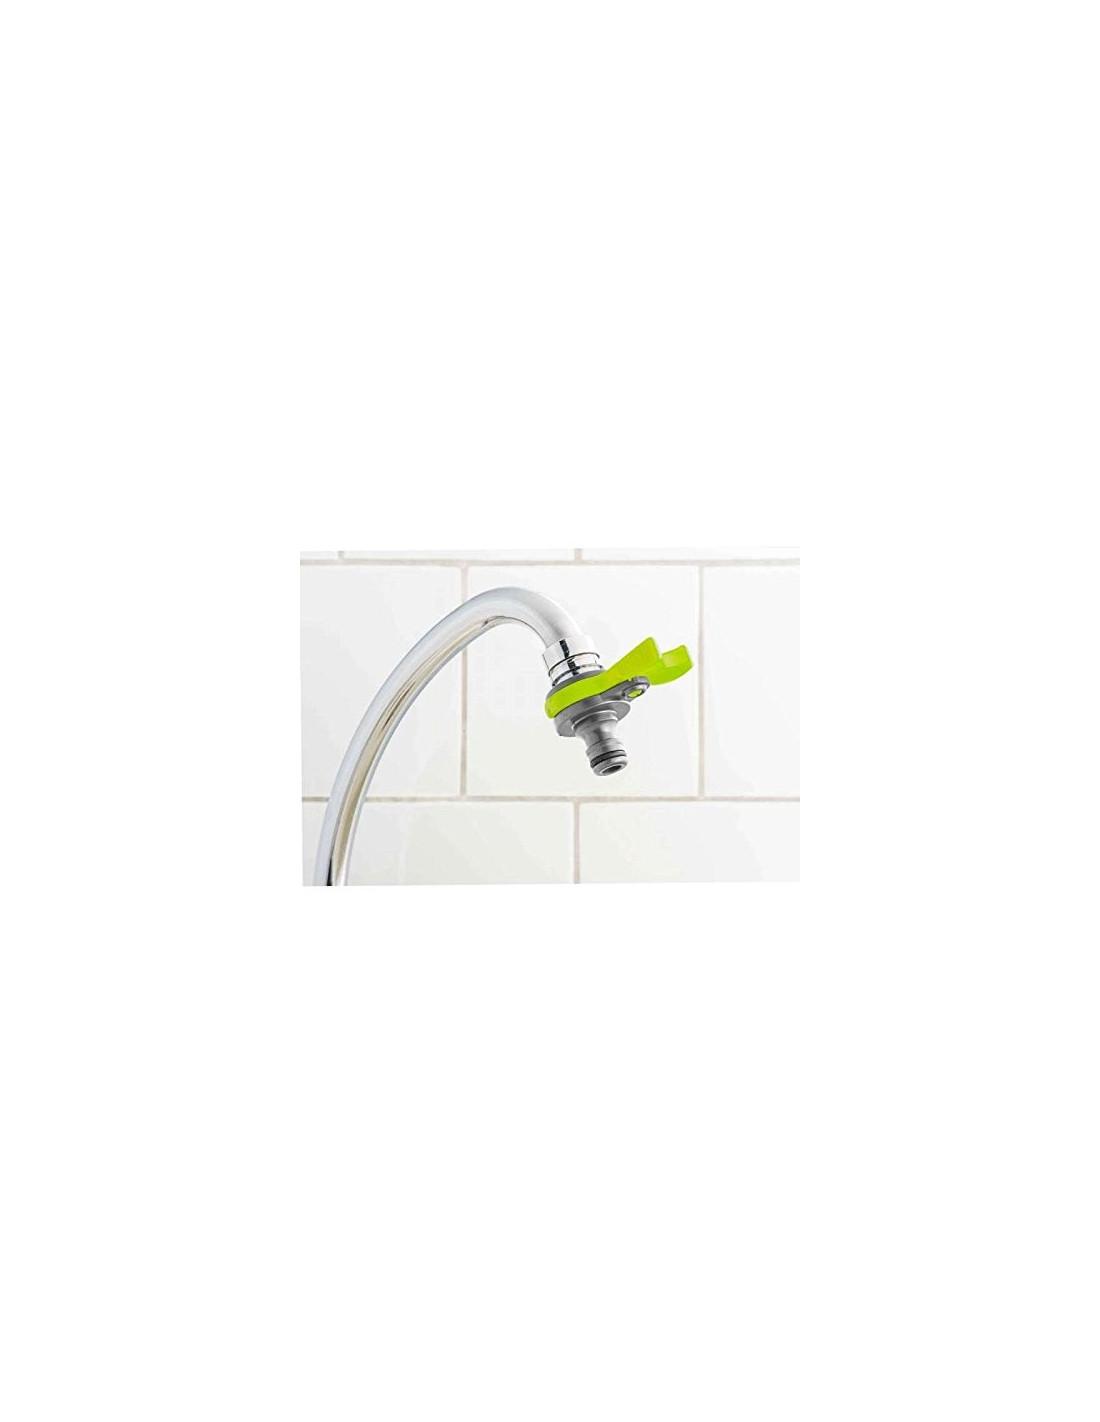 Adaptateur rapide d 39 arrosage pour robinet d 39 int rieur for Adaptateur robinet interieur tuyau arrosage